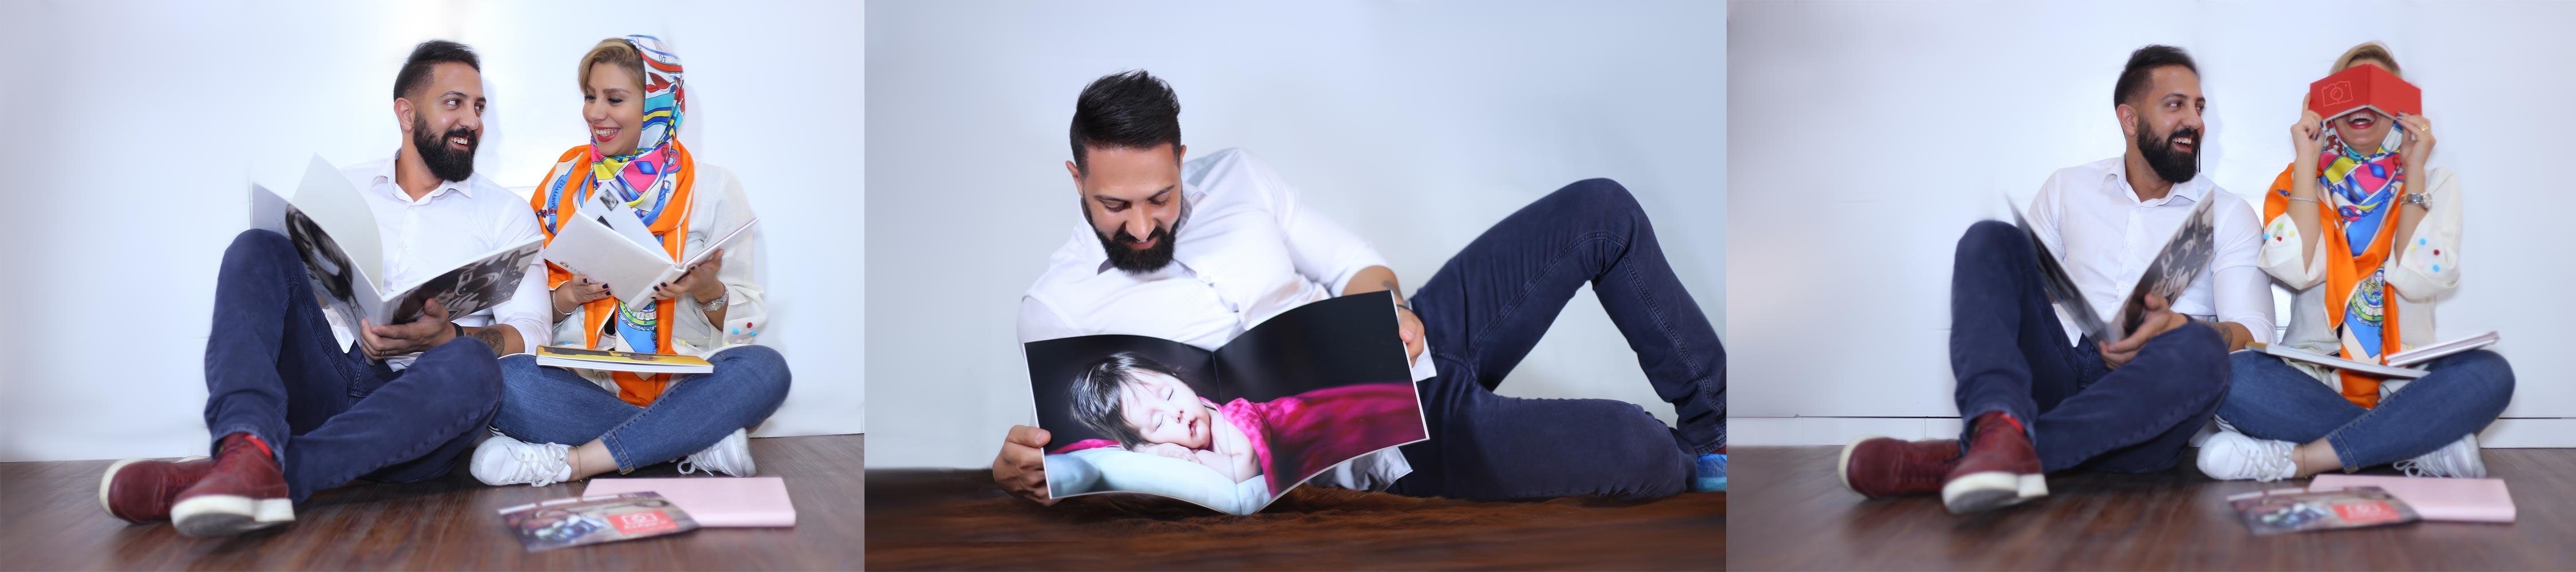 مرد و زنی در حال تماشای آلبوم دیجیتال خود